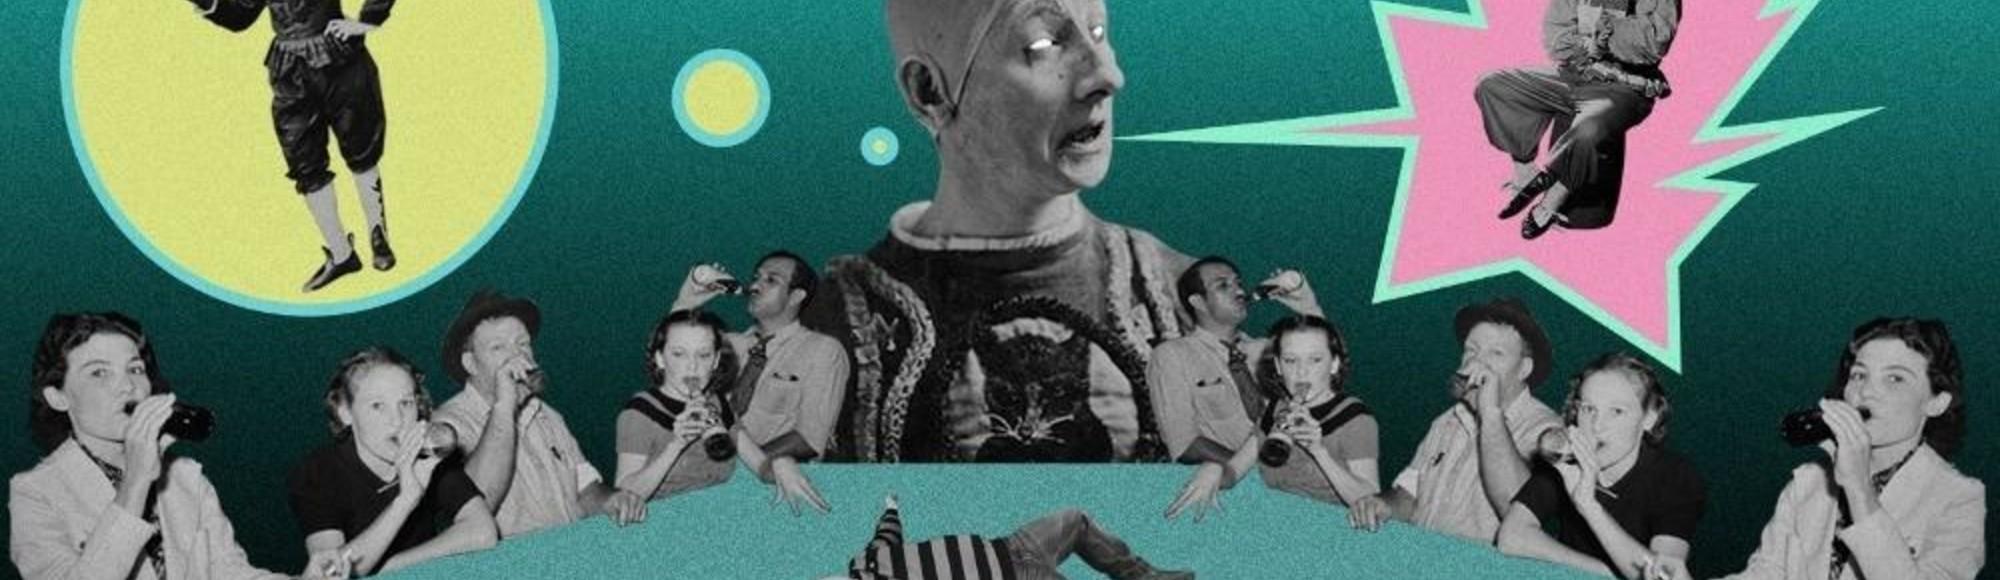 Stand-up comedy más allá de Los Comediantes de la Noche